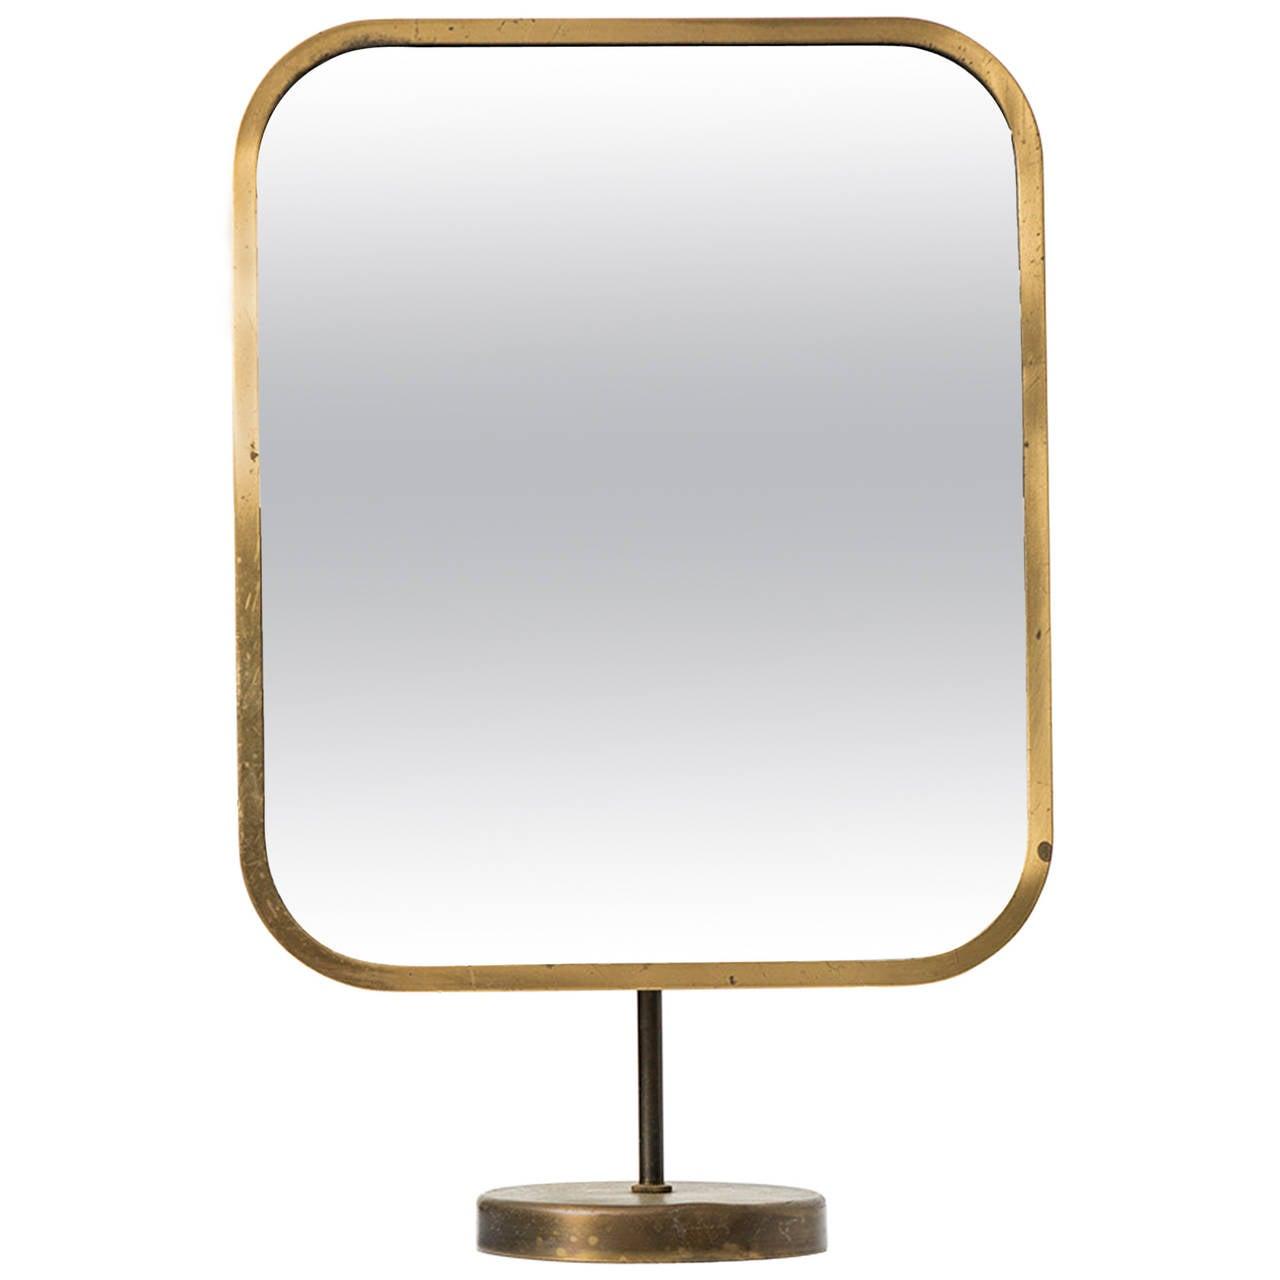 Josef Frank Table Mirror in Brass by Nordiska Kompaniet in Sweden For Sale